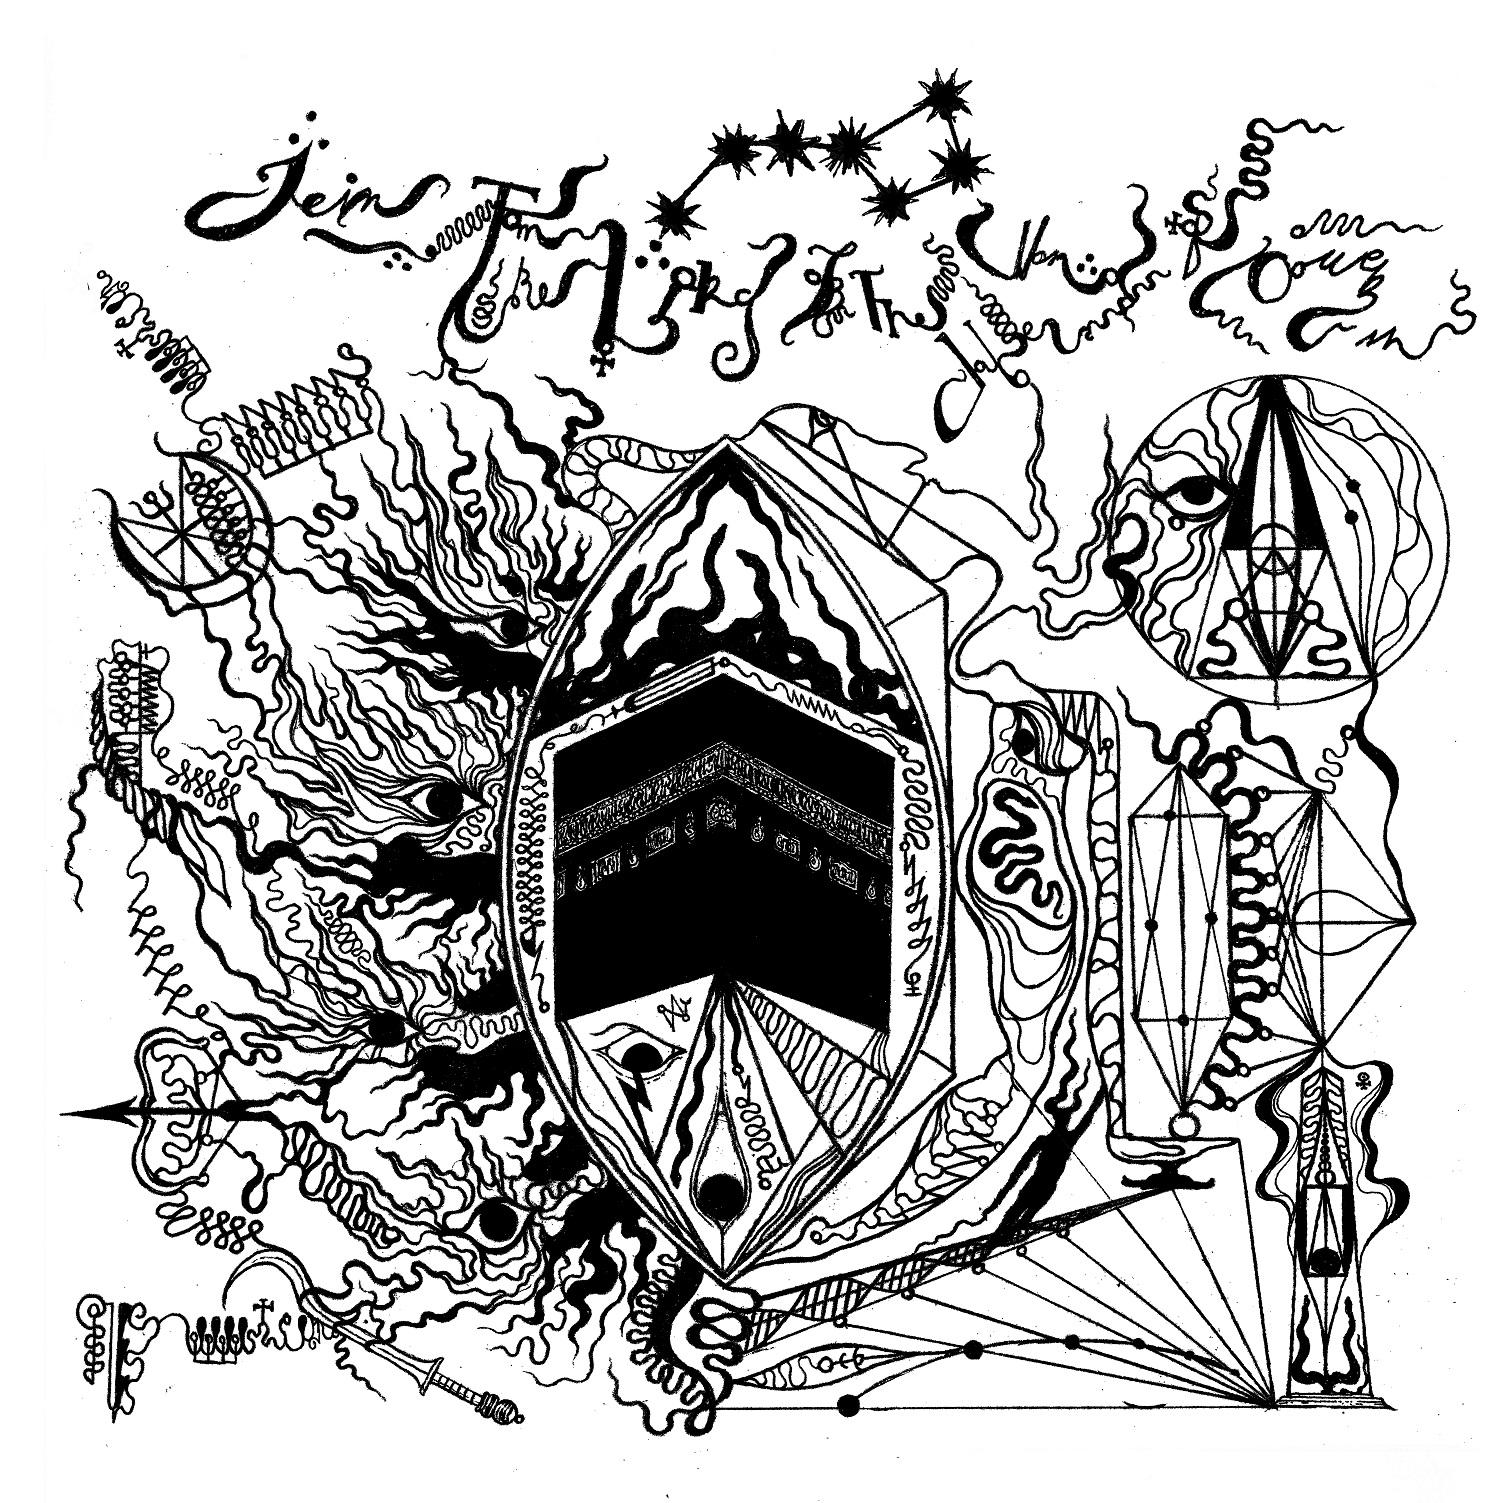 mortuusinsomnis777 tetragrammacide primal incinerators of moral 05 Saturn Ion tetragrammacide primal incinerators of moral matrix